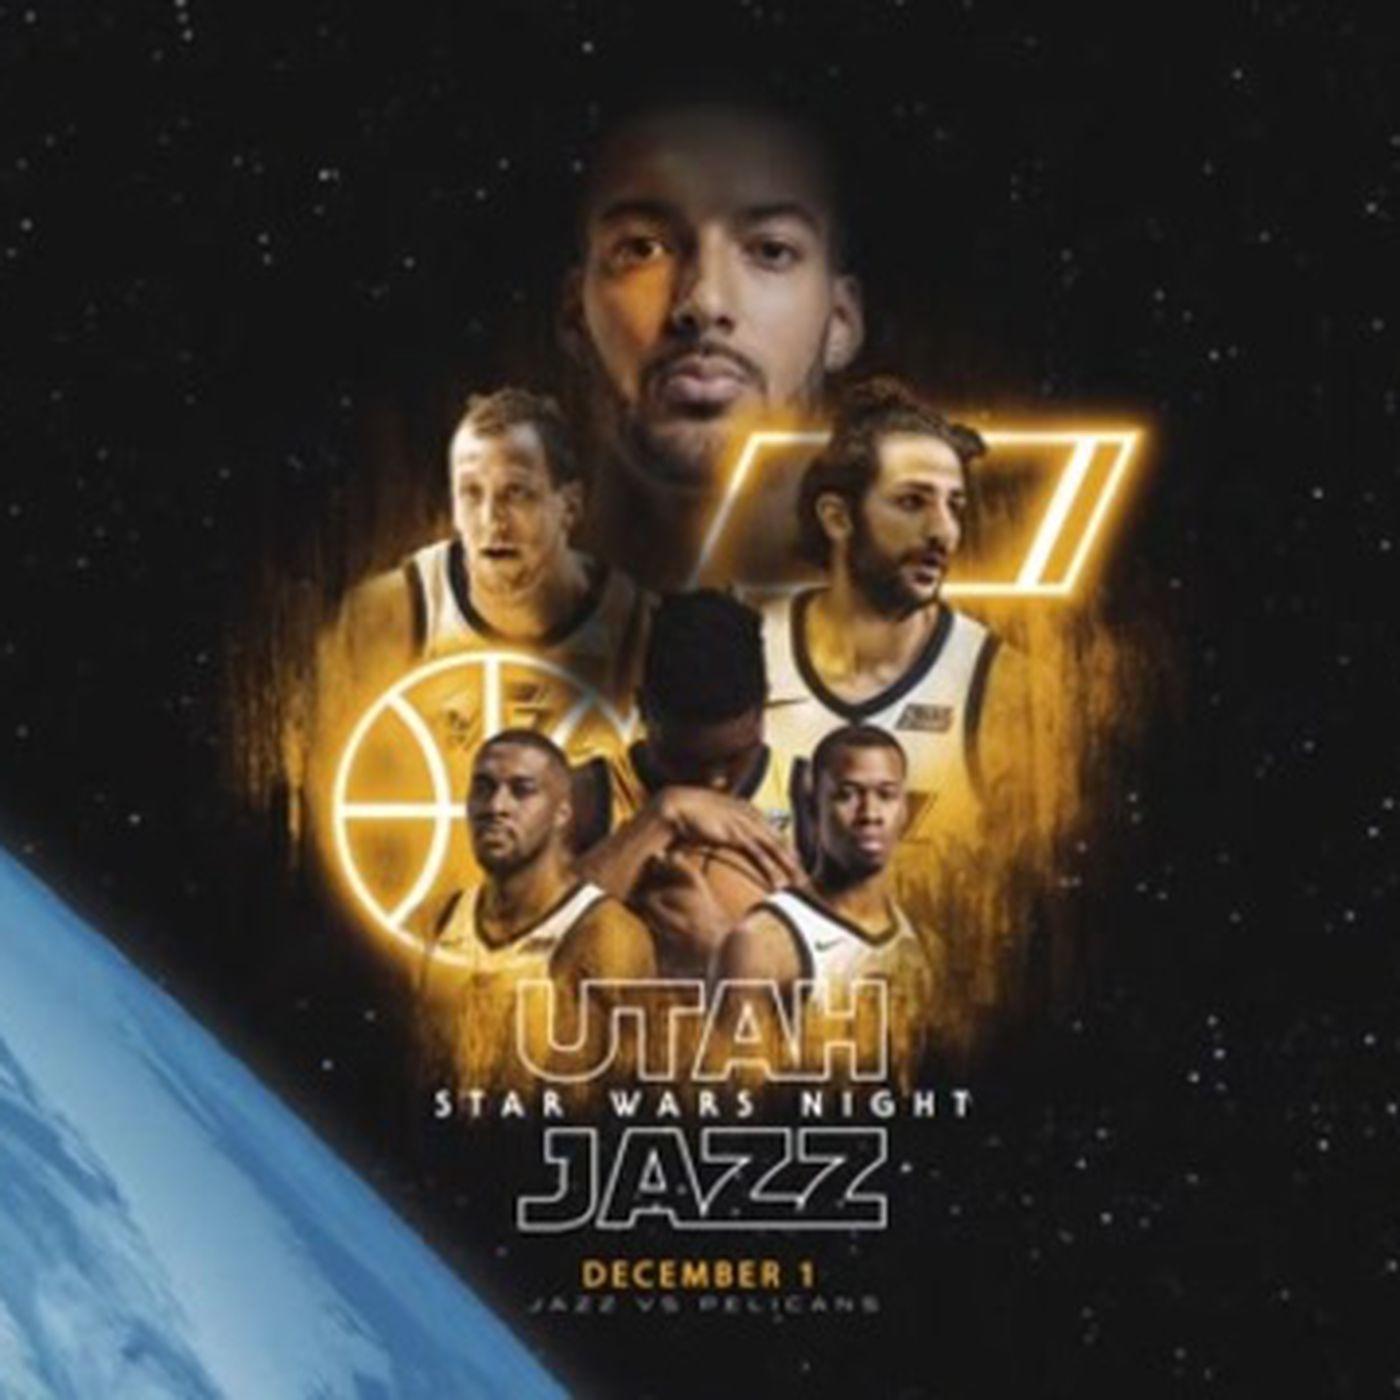 utah jazz were star wars characters